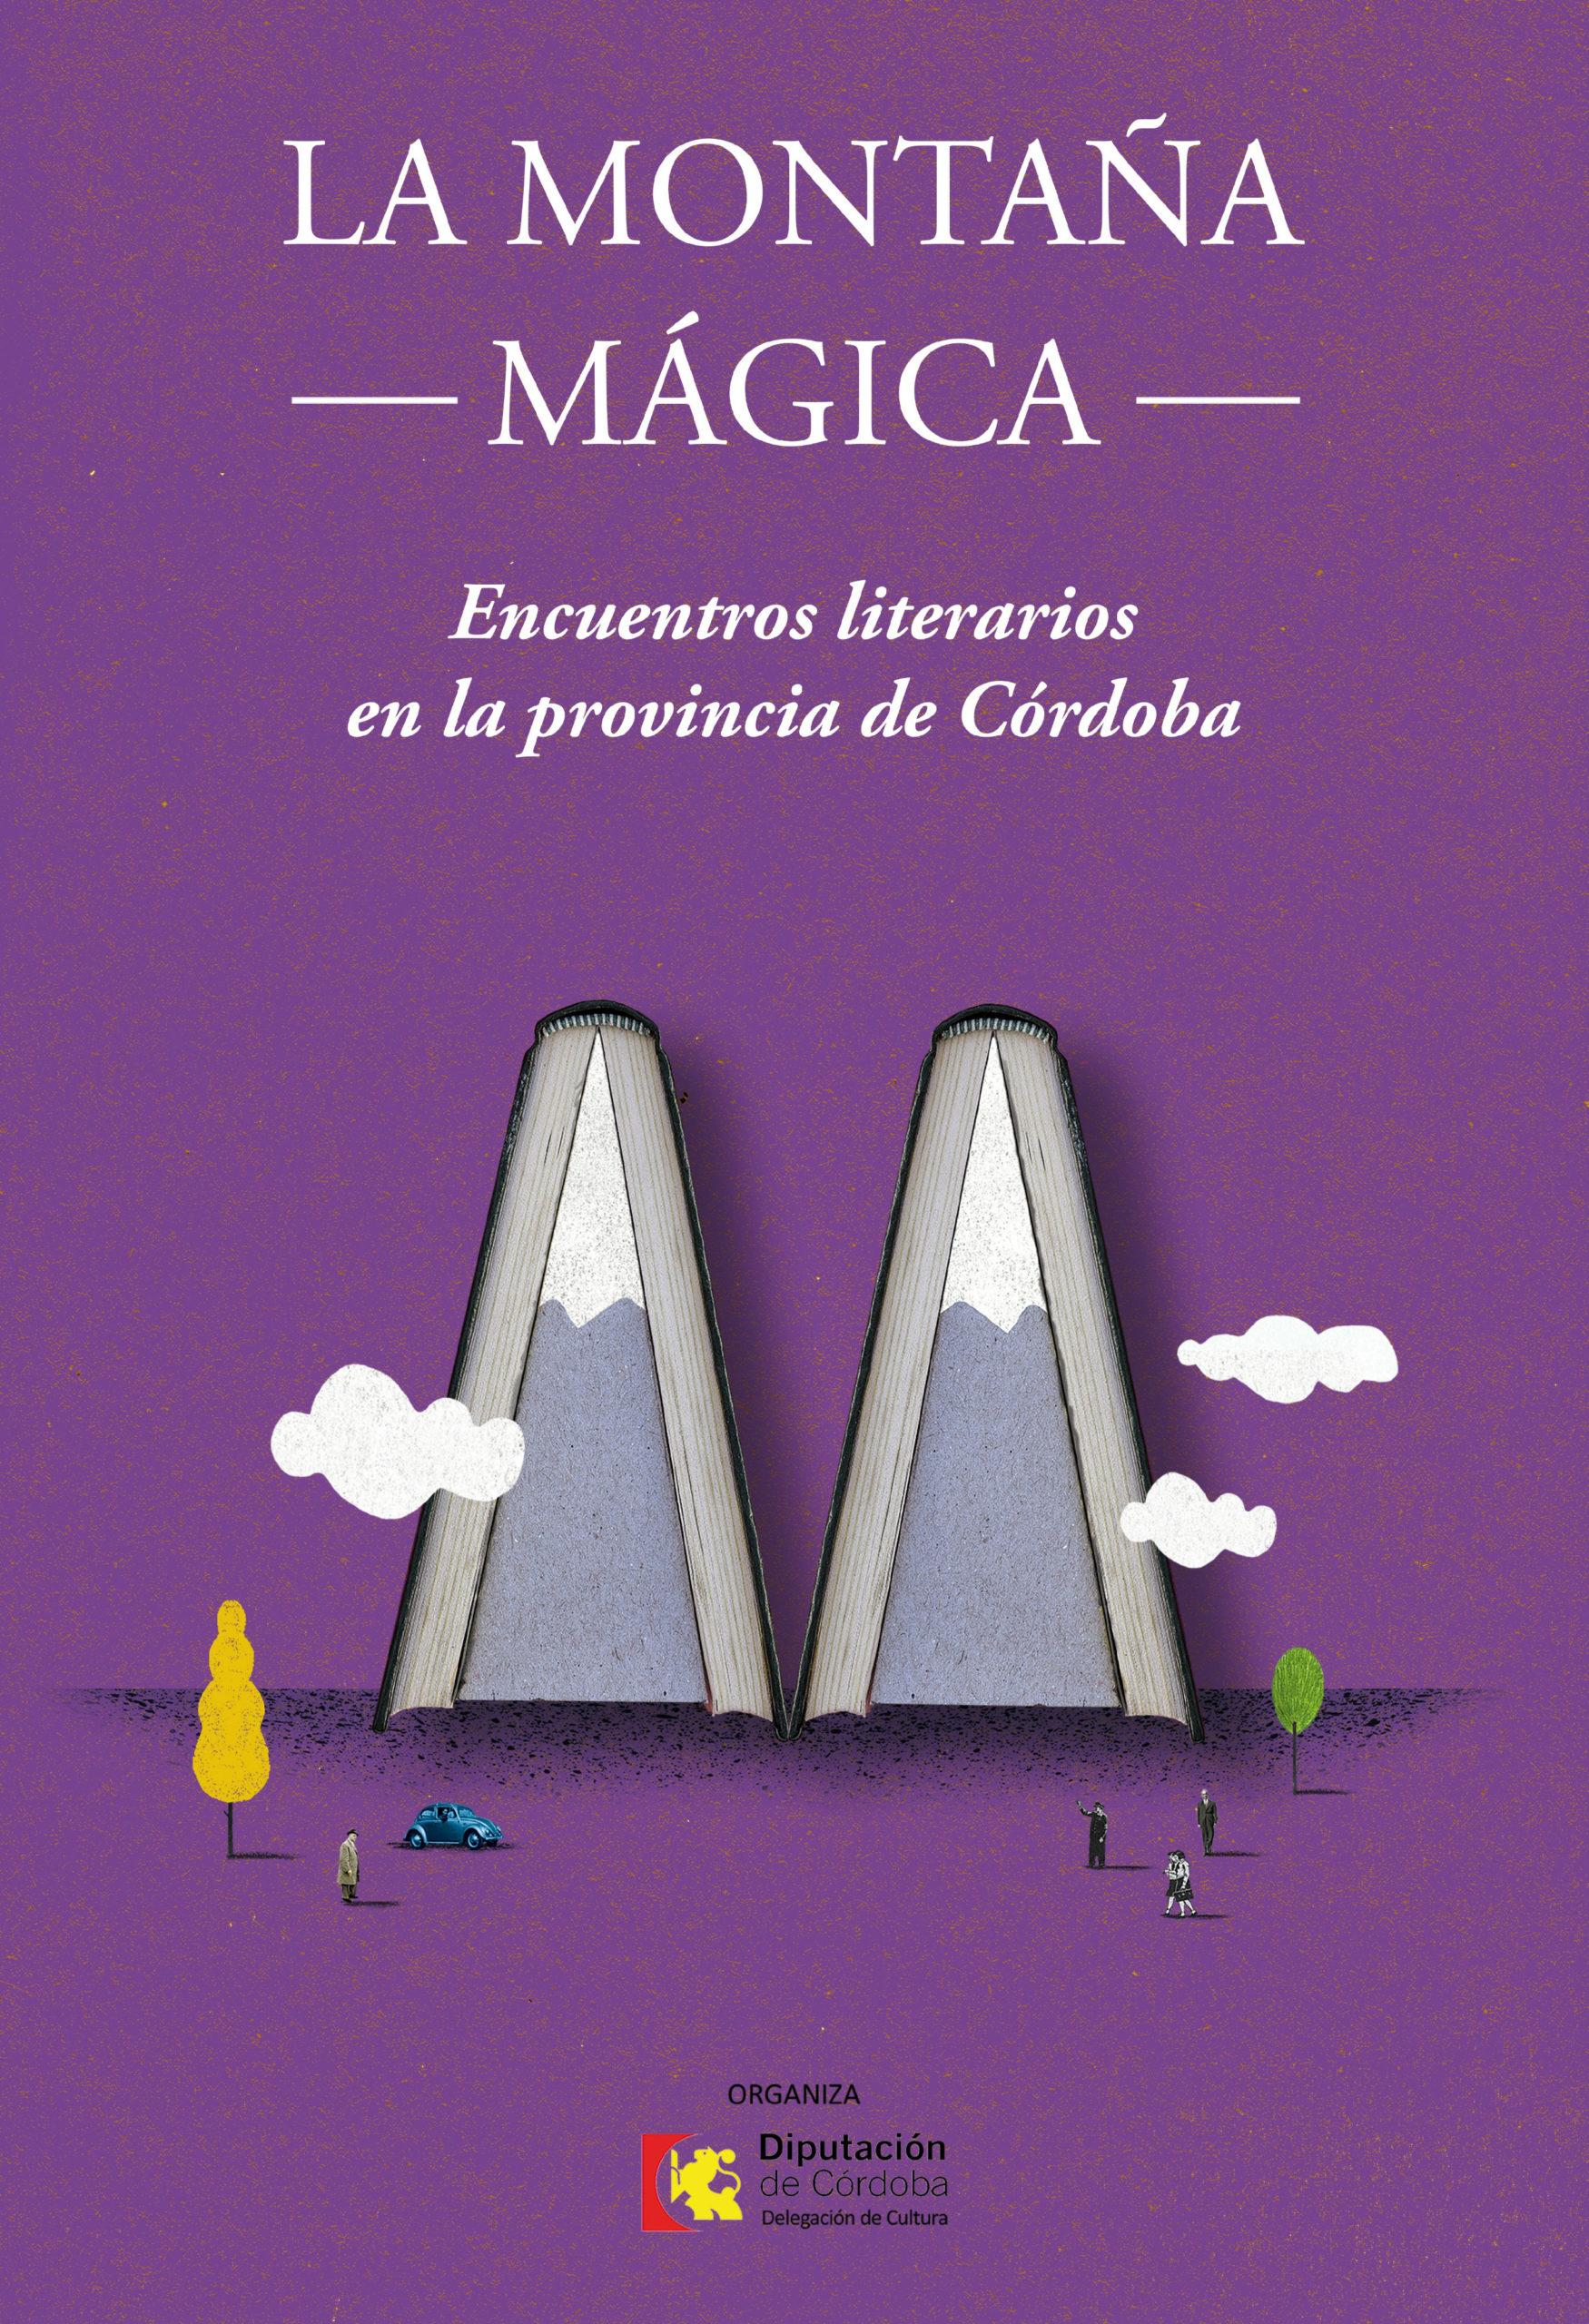 La Montaña Mágica regresa a los municipios de la provincia